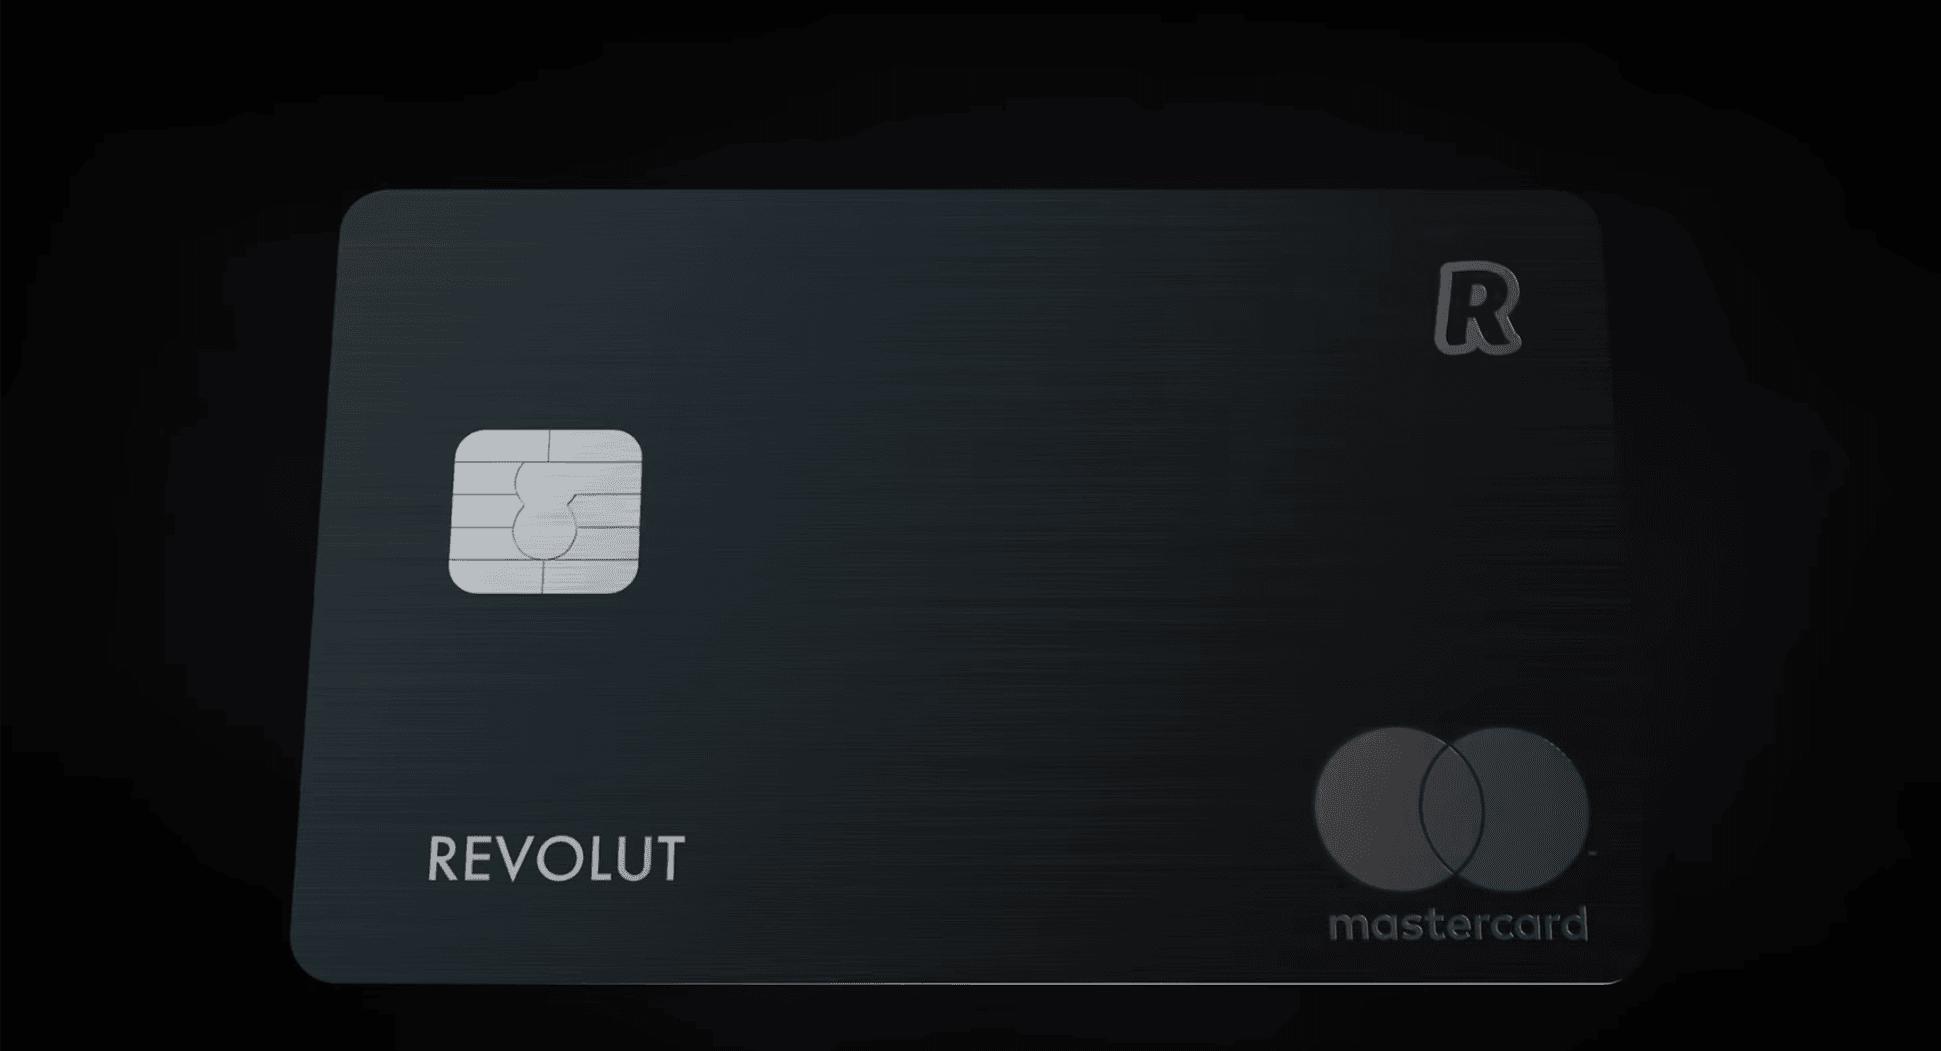 Wiadomo już, ile chętni będą musieli zapłacić za metalową kartę Revoluta. Sporo 18